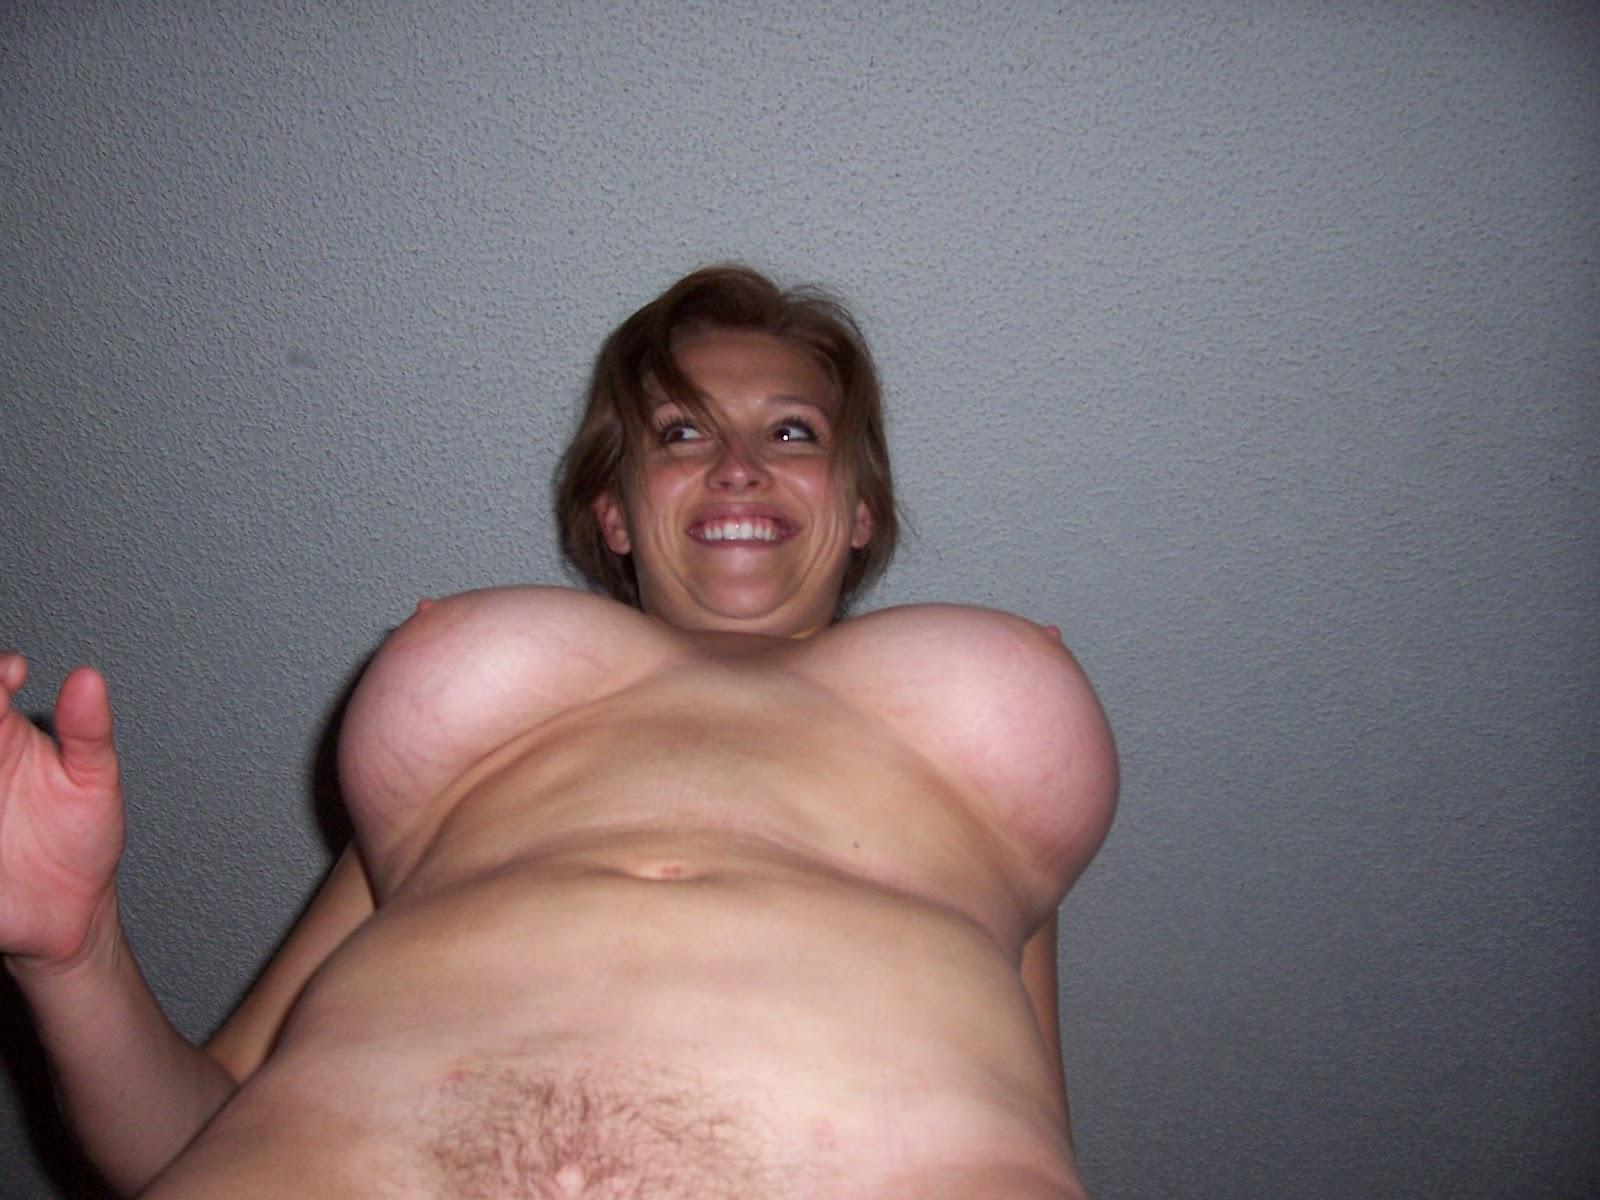 Confirm. california valley girl nude accept. The